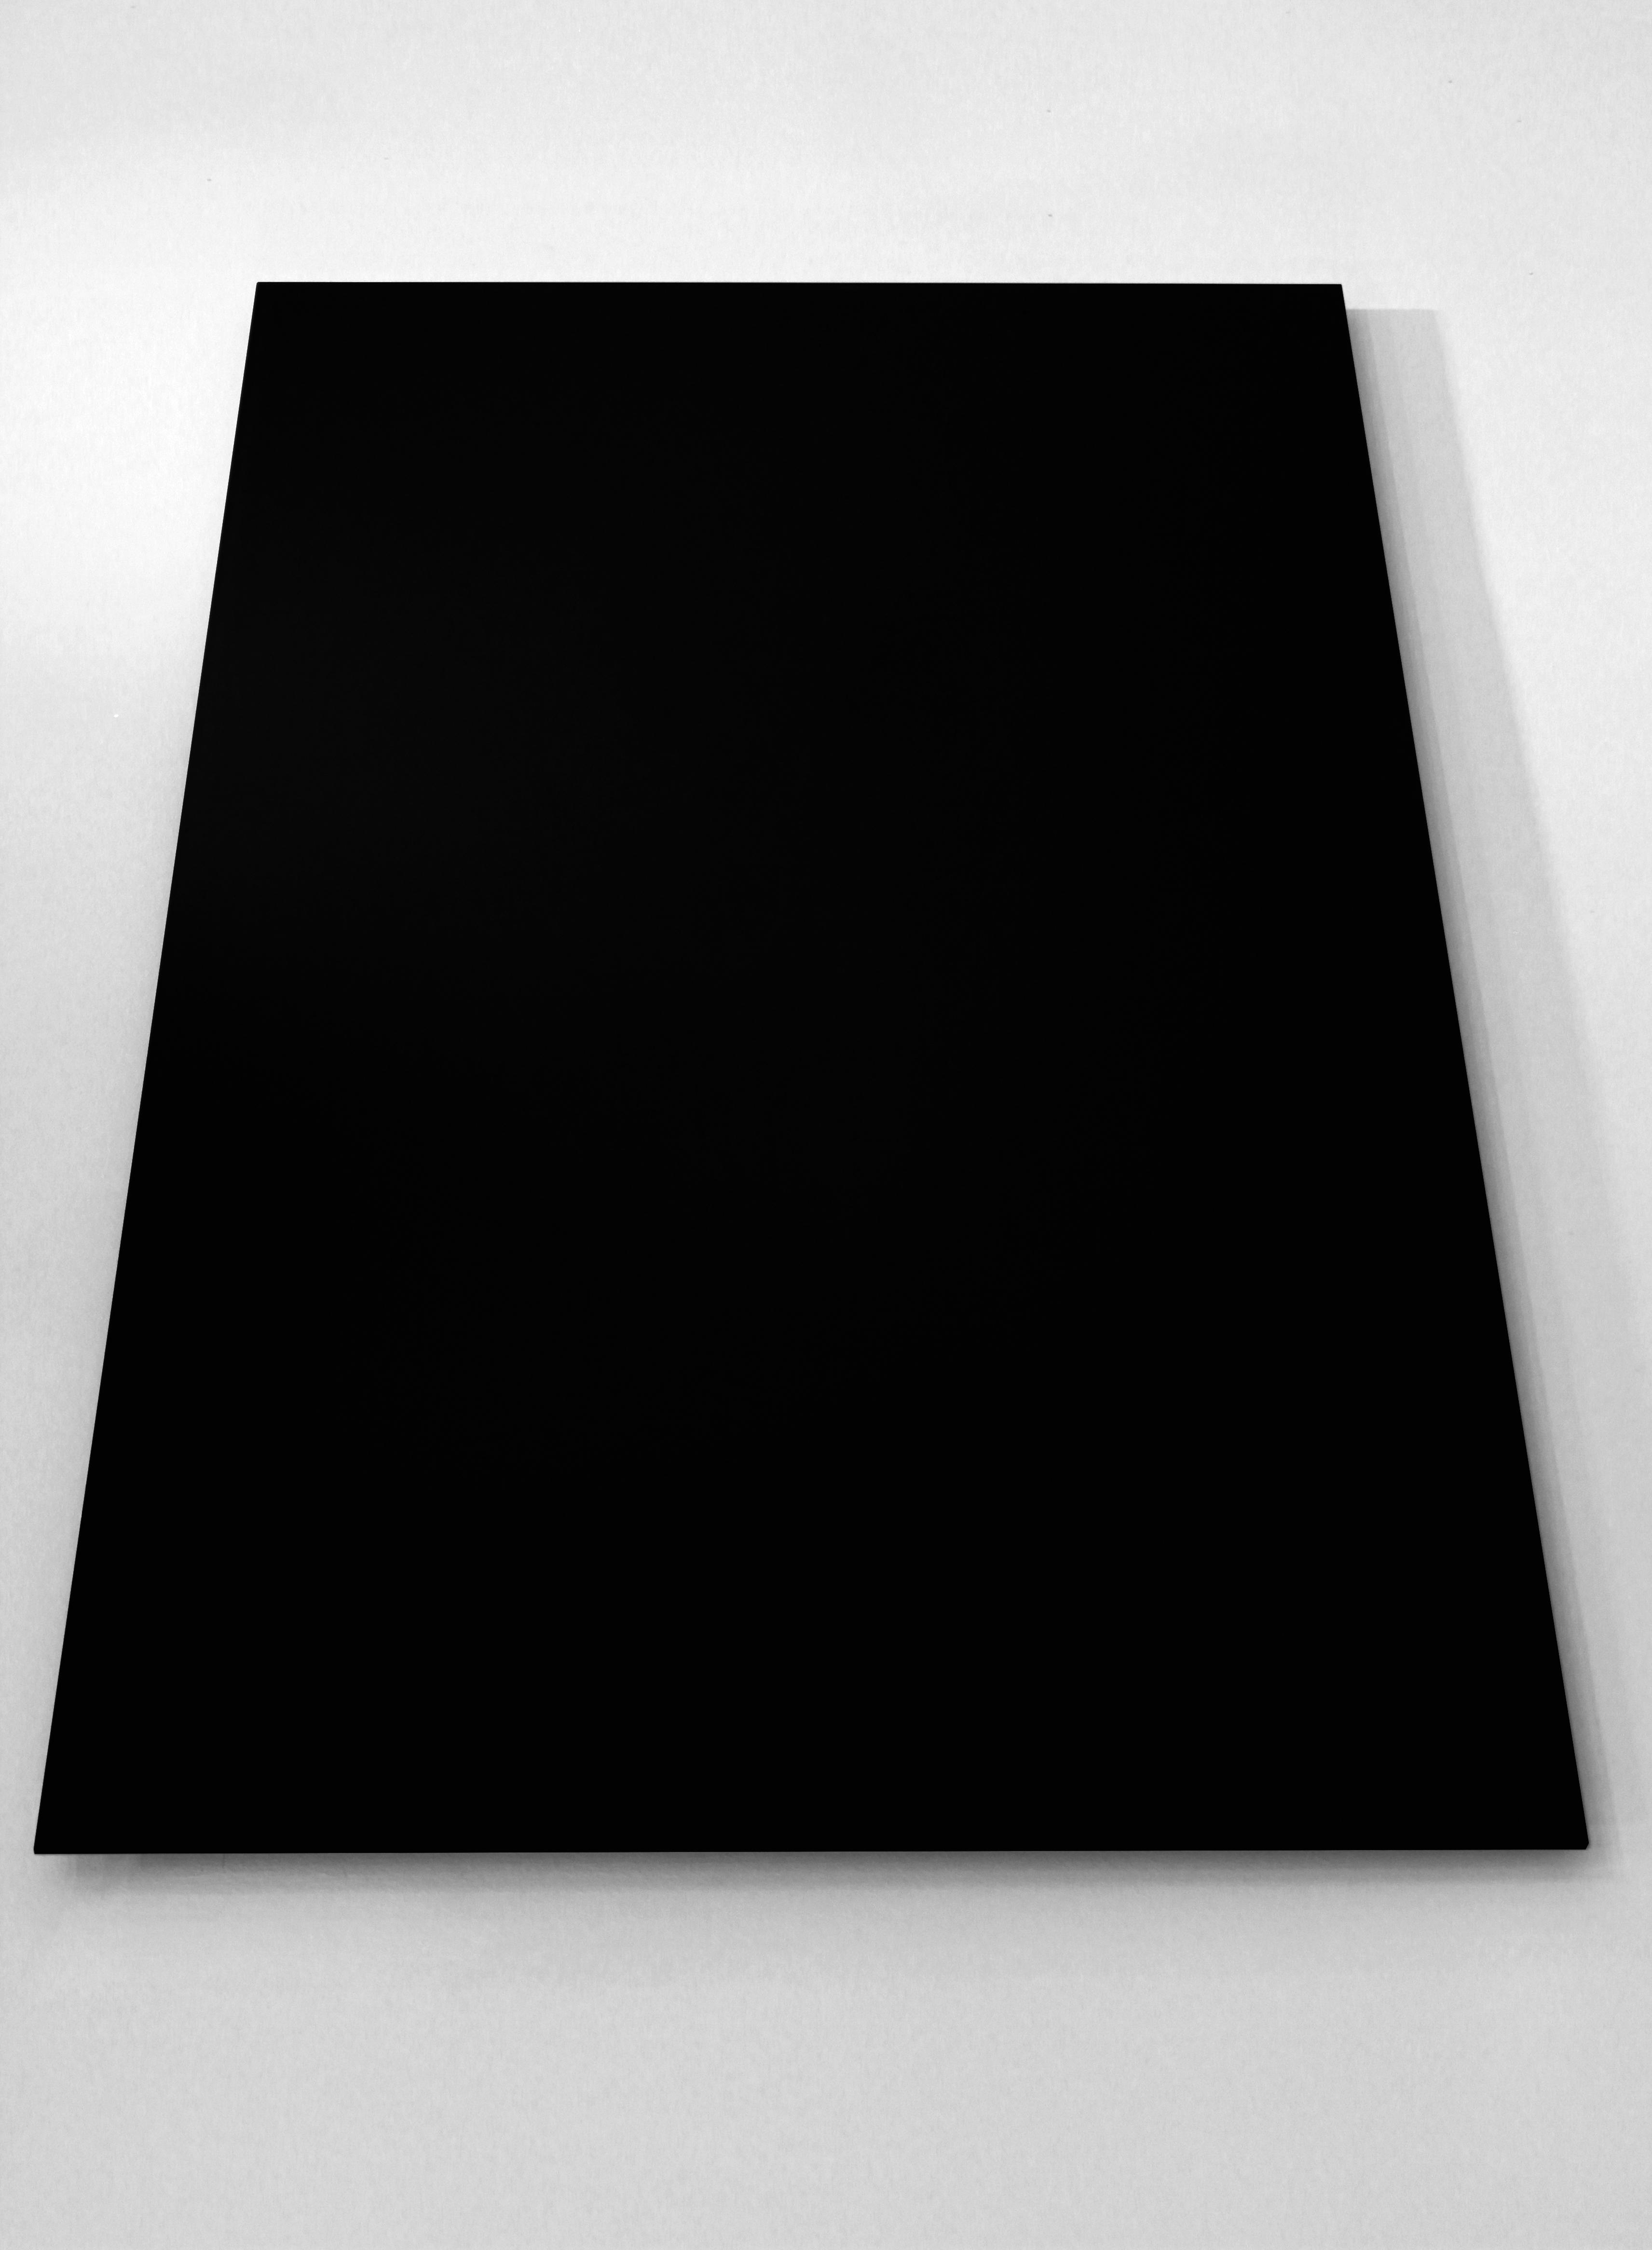 RP_ARG_060_Beyond Black, 2010